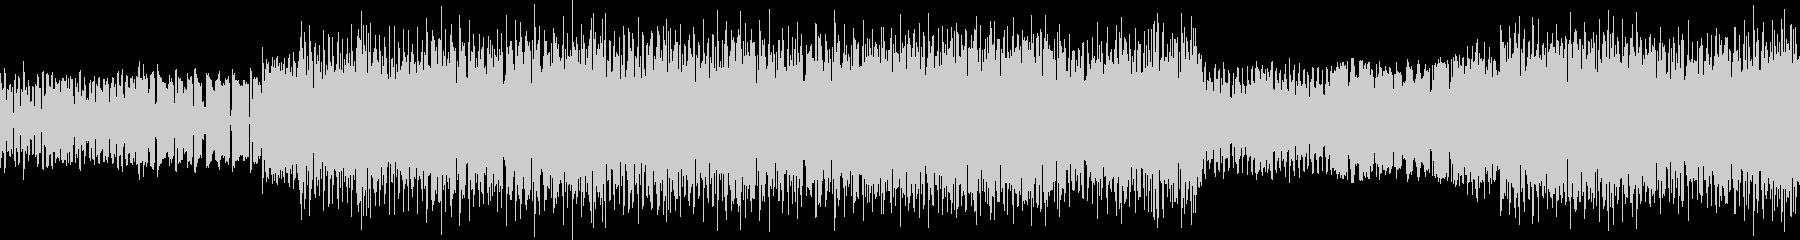 ファミコン風のインスト曲の未再生の波形